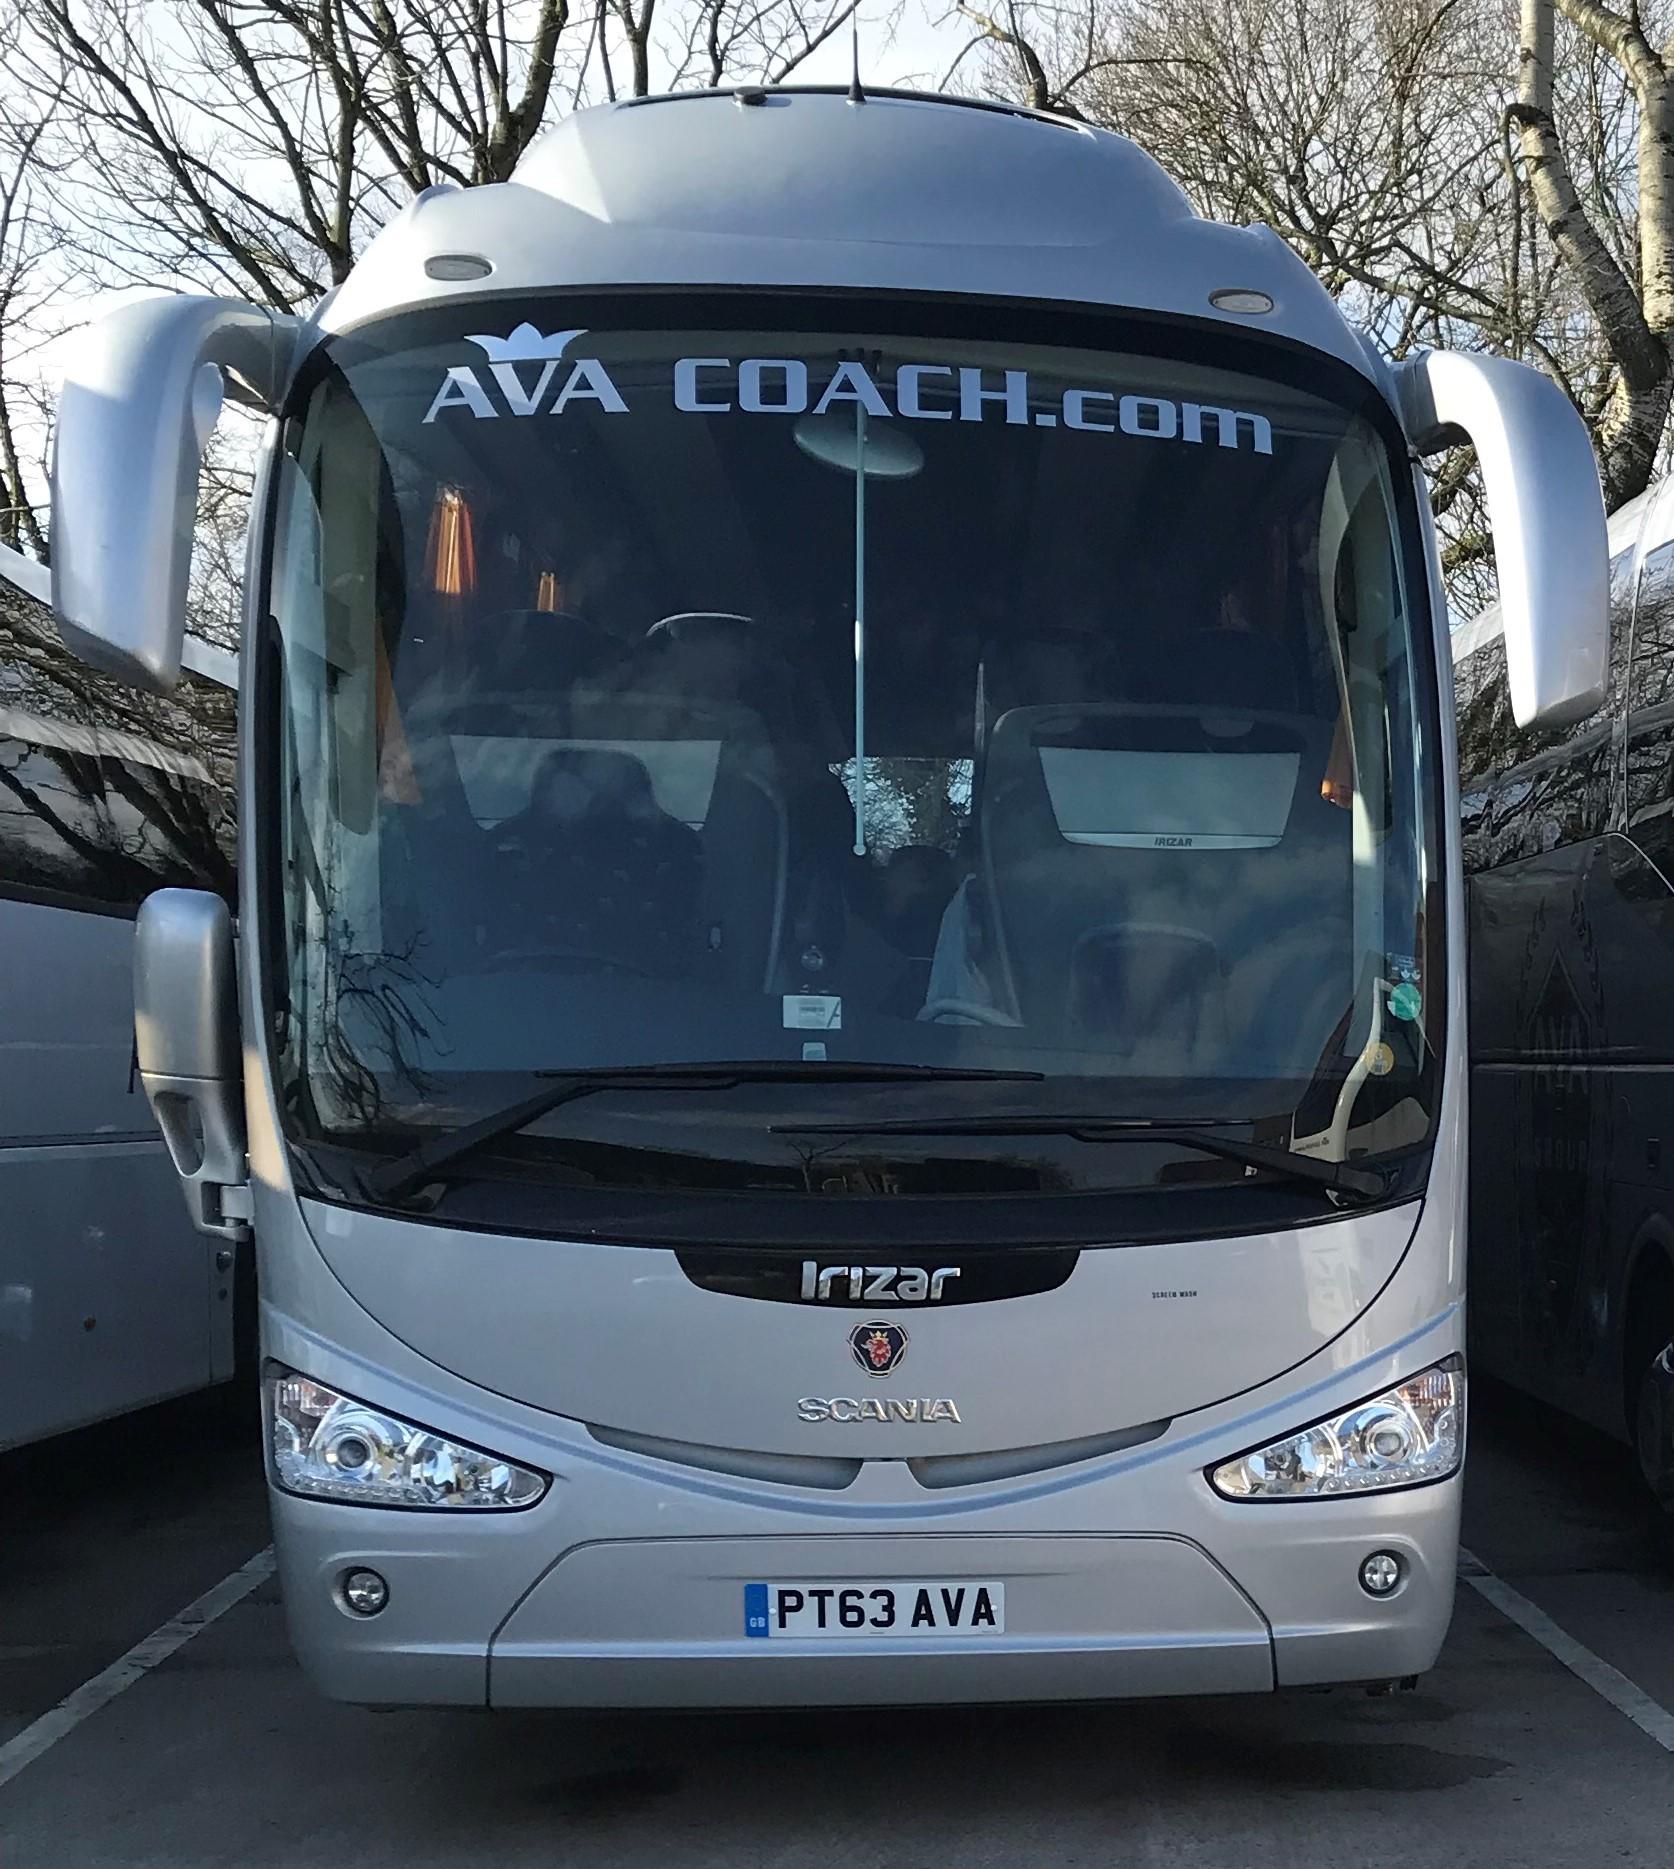 PT63 AVA